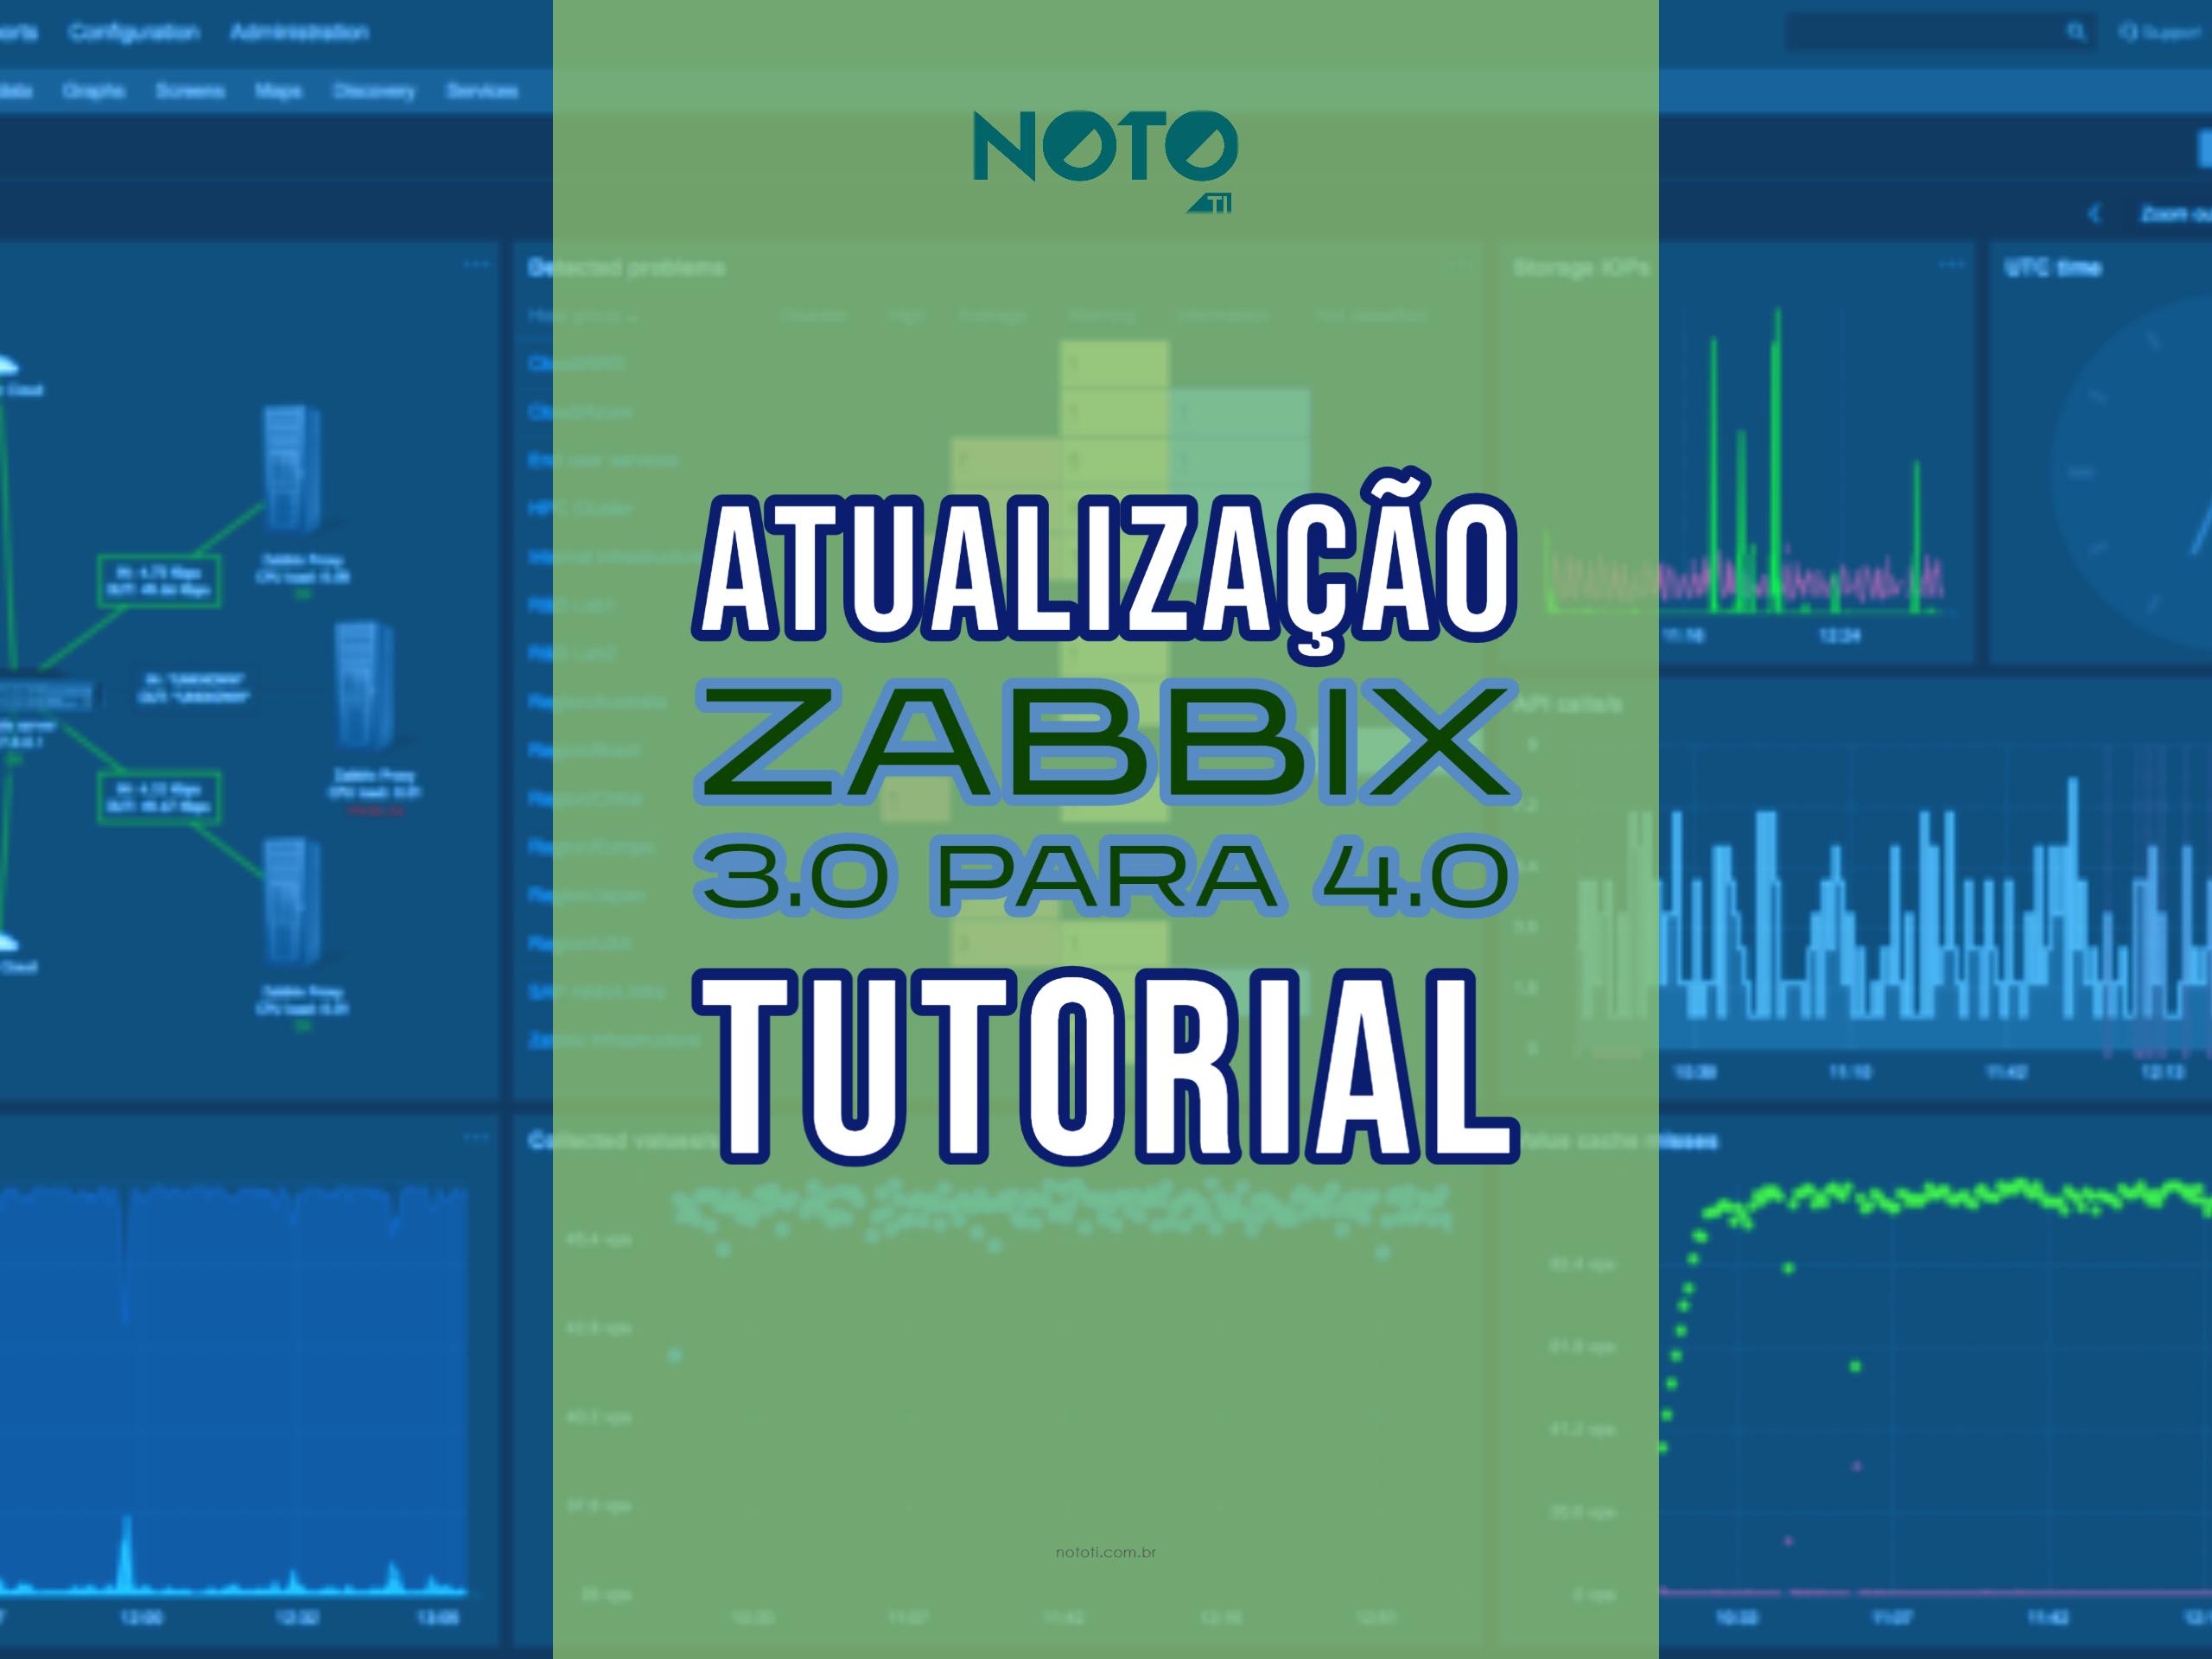 ATUALIZAÇÃO ZABBIX 3.0 para 4.0: confira tutorial rápido aqui